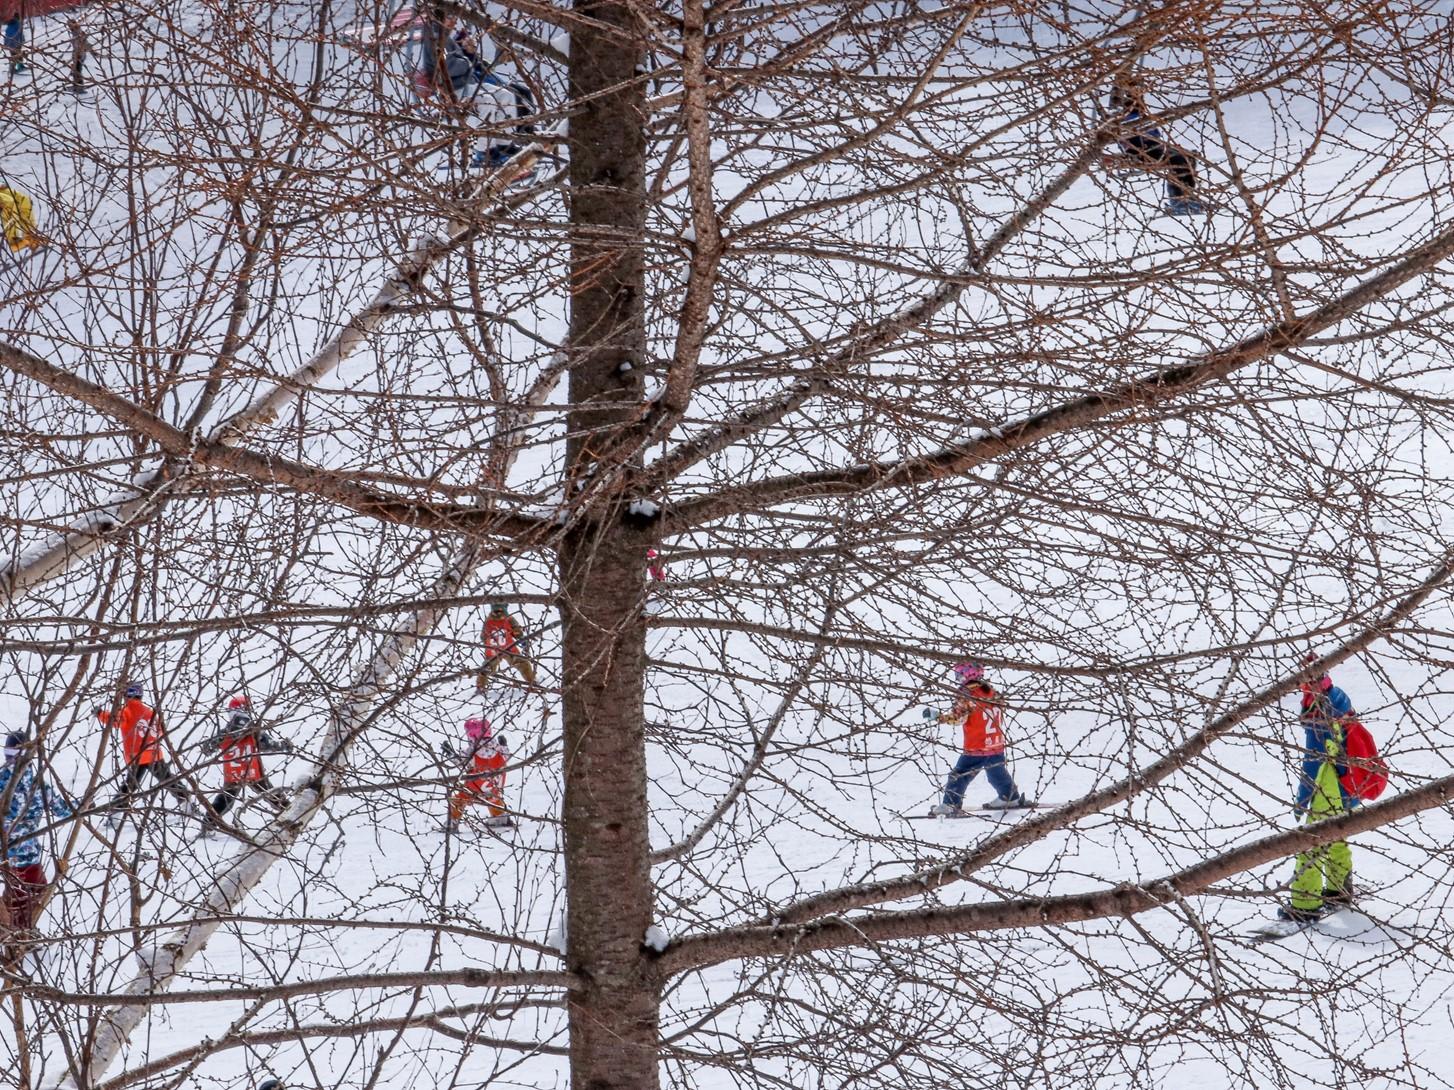 スキーキッズ(2019年12月~2月下旬)